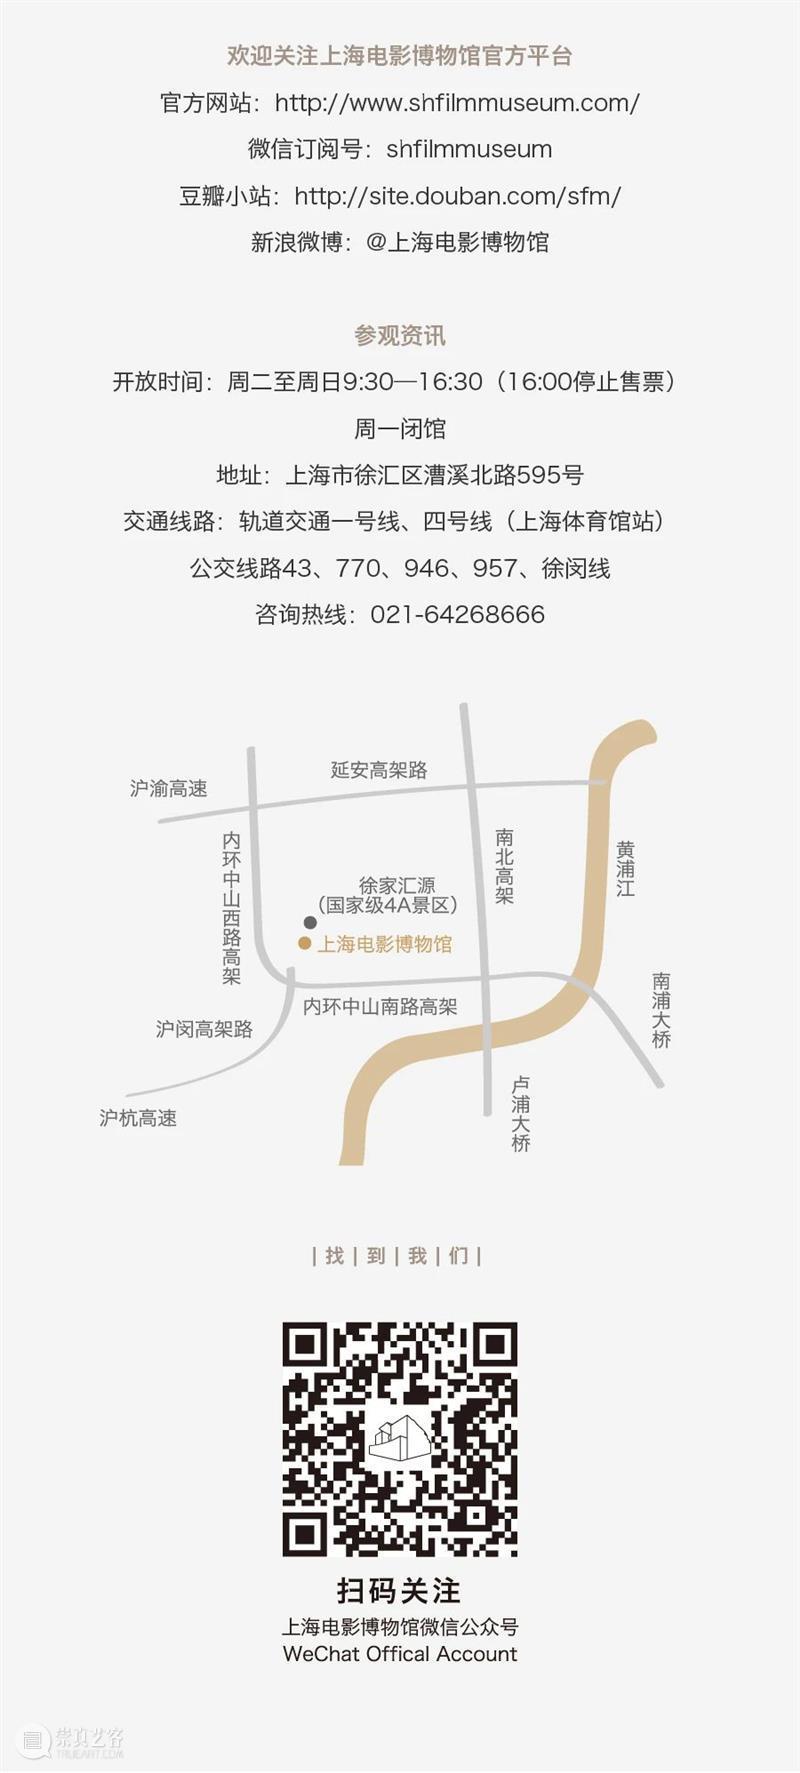 2020上海旅游节如期而至,电博准备了一大波惊喜等你来! 上海旅游节 电博 旅游节 期间 博物馆 盛况 上海电影博物馆 活动 票价 夜场 崇真艺客